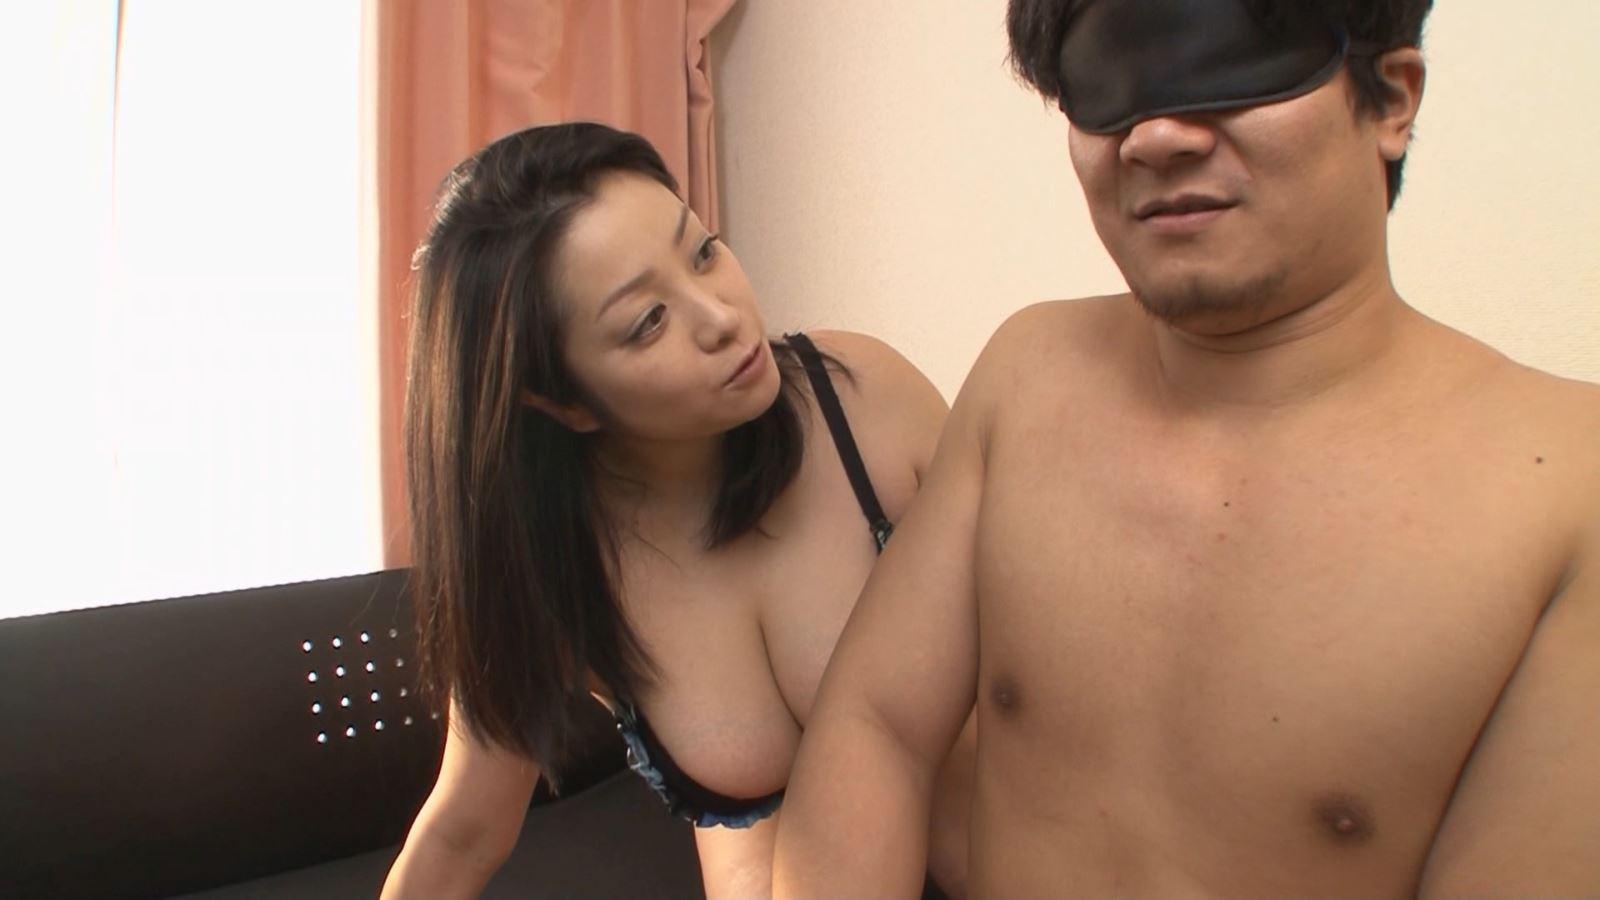 小向美奈子 無修正 第二弾 セックス 画像 2